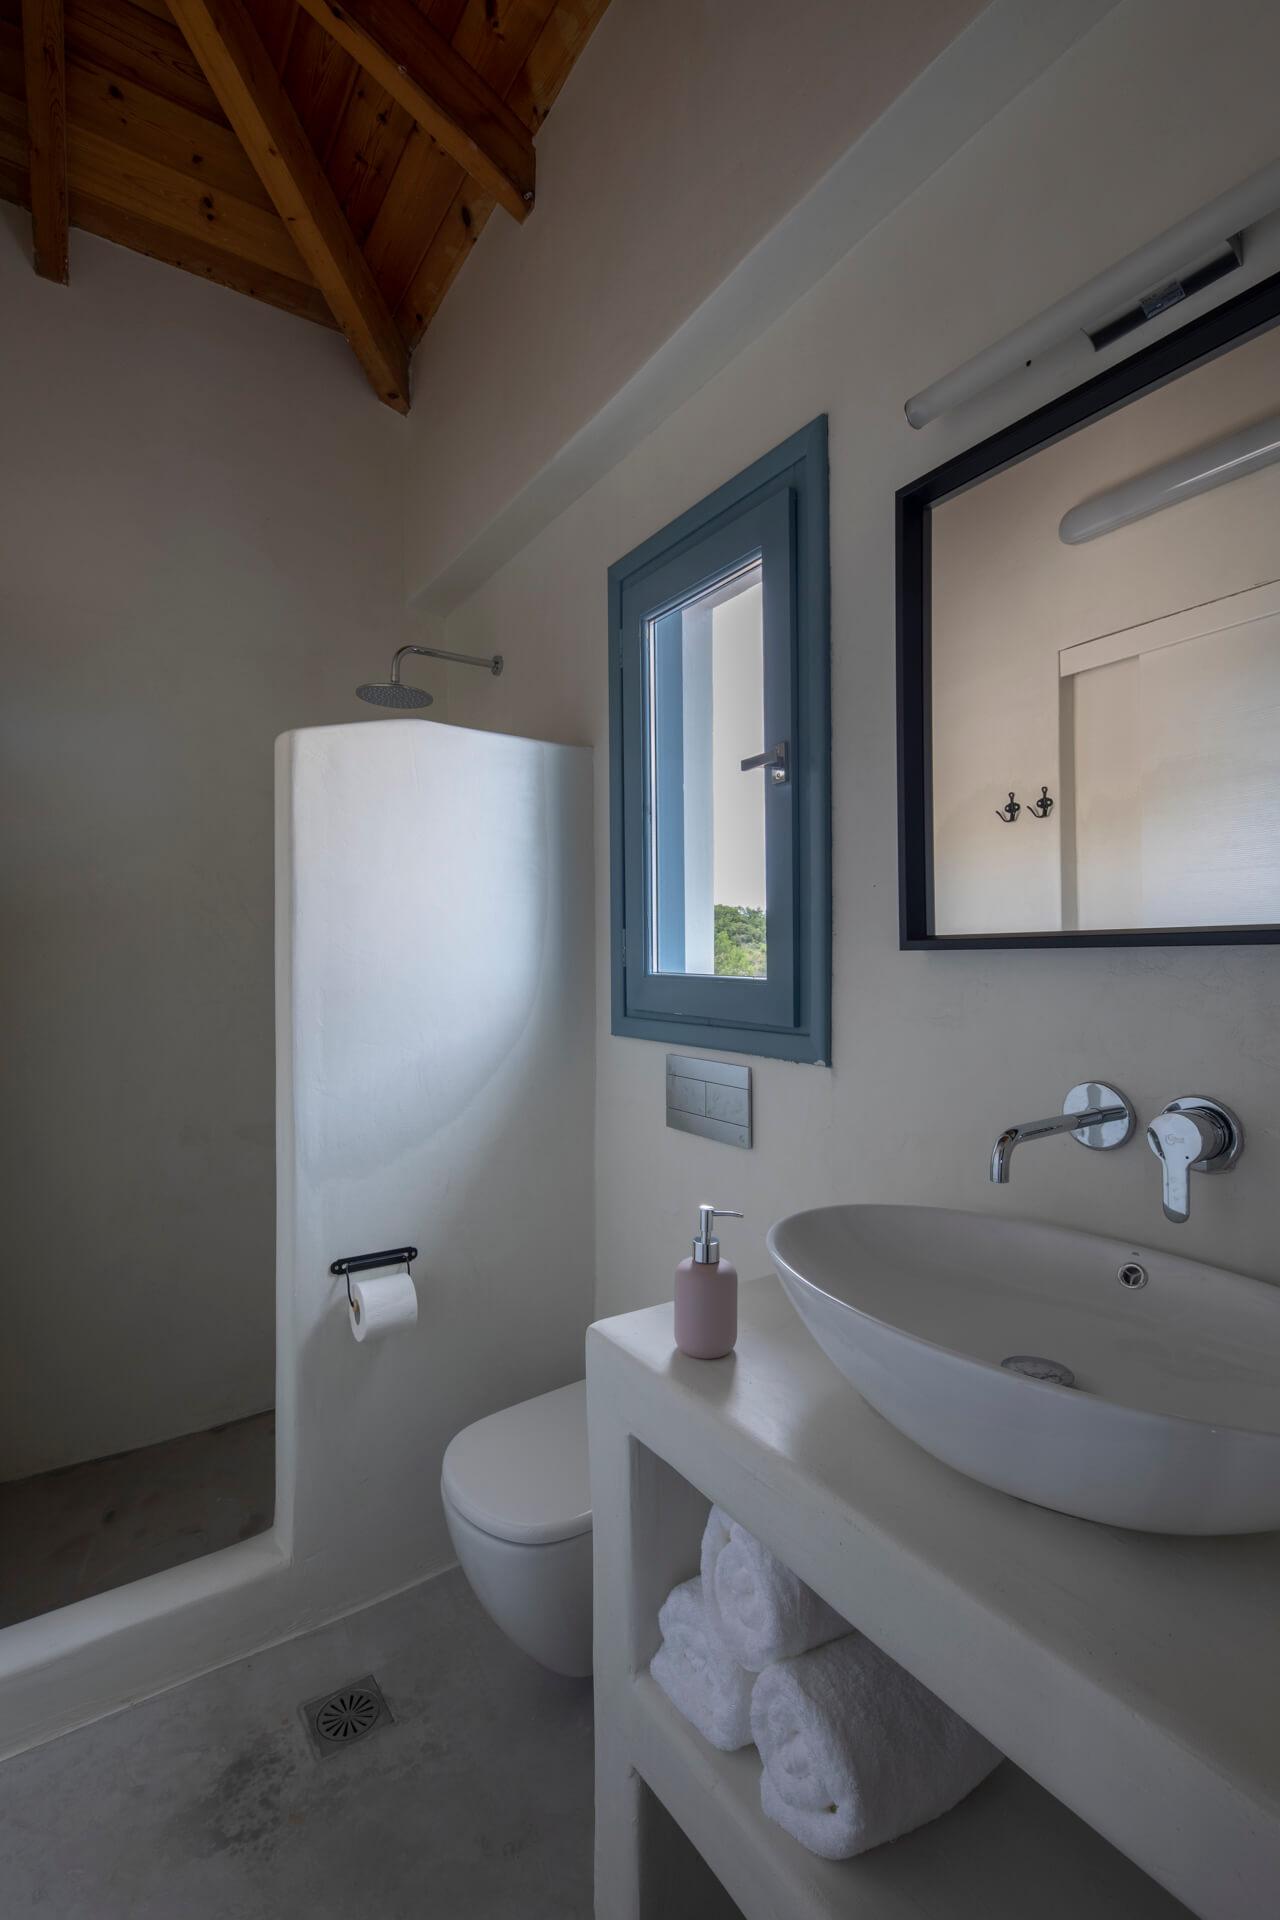 עיצוב חדר רחצה דירת נופש סיגל סיוון ידוב